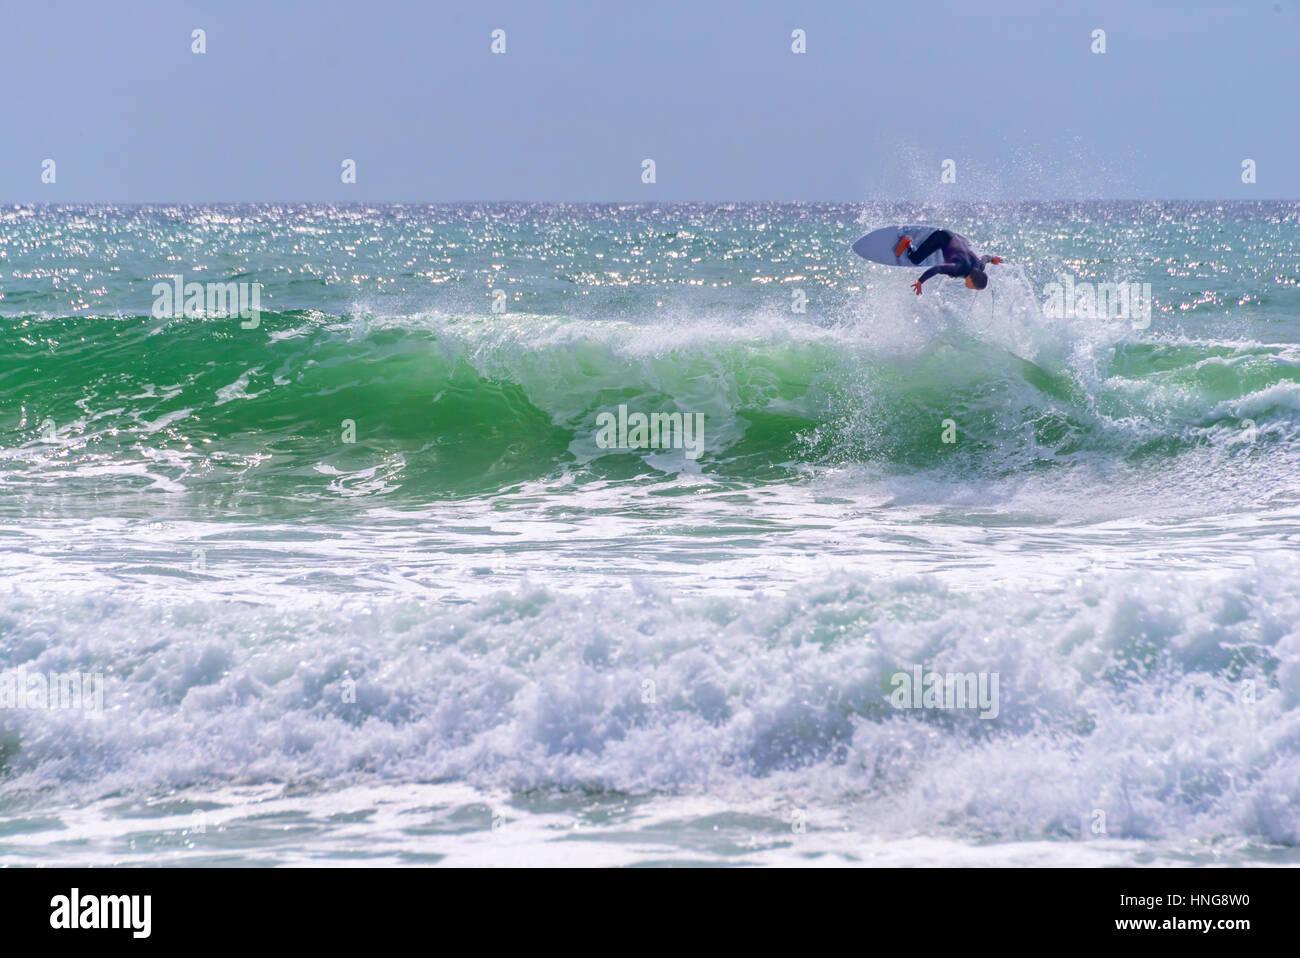 Surfer a cavallo di un enorme ondata durante il mondiale di surf league in Lacanau, Francia Immagini Stock